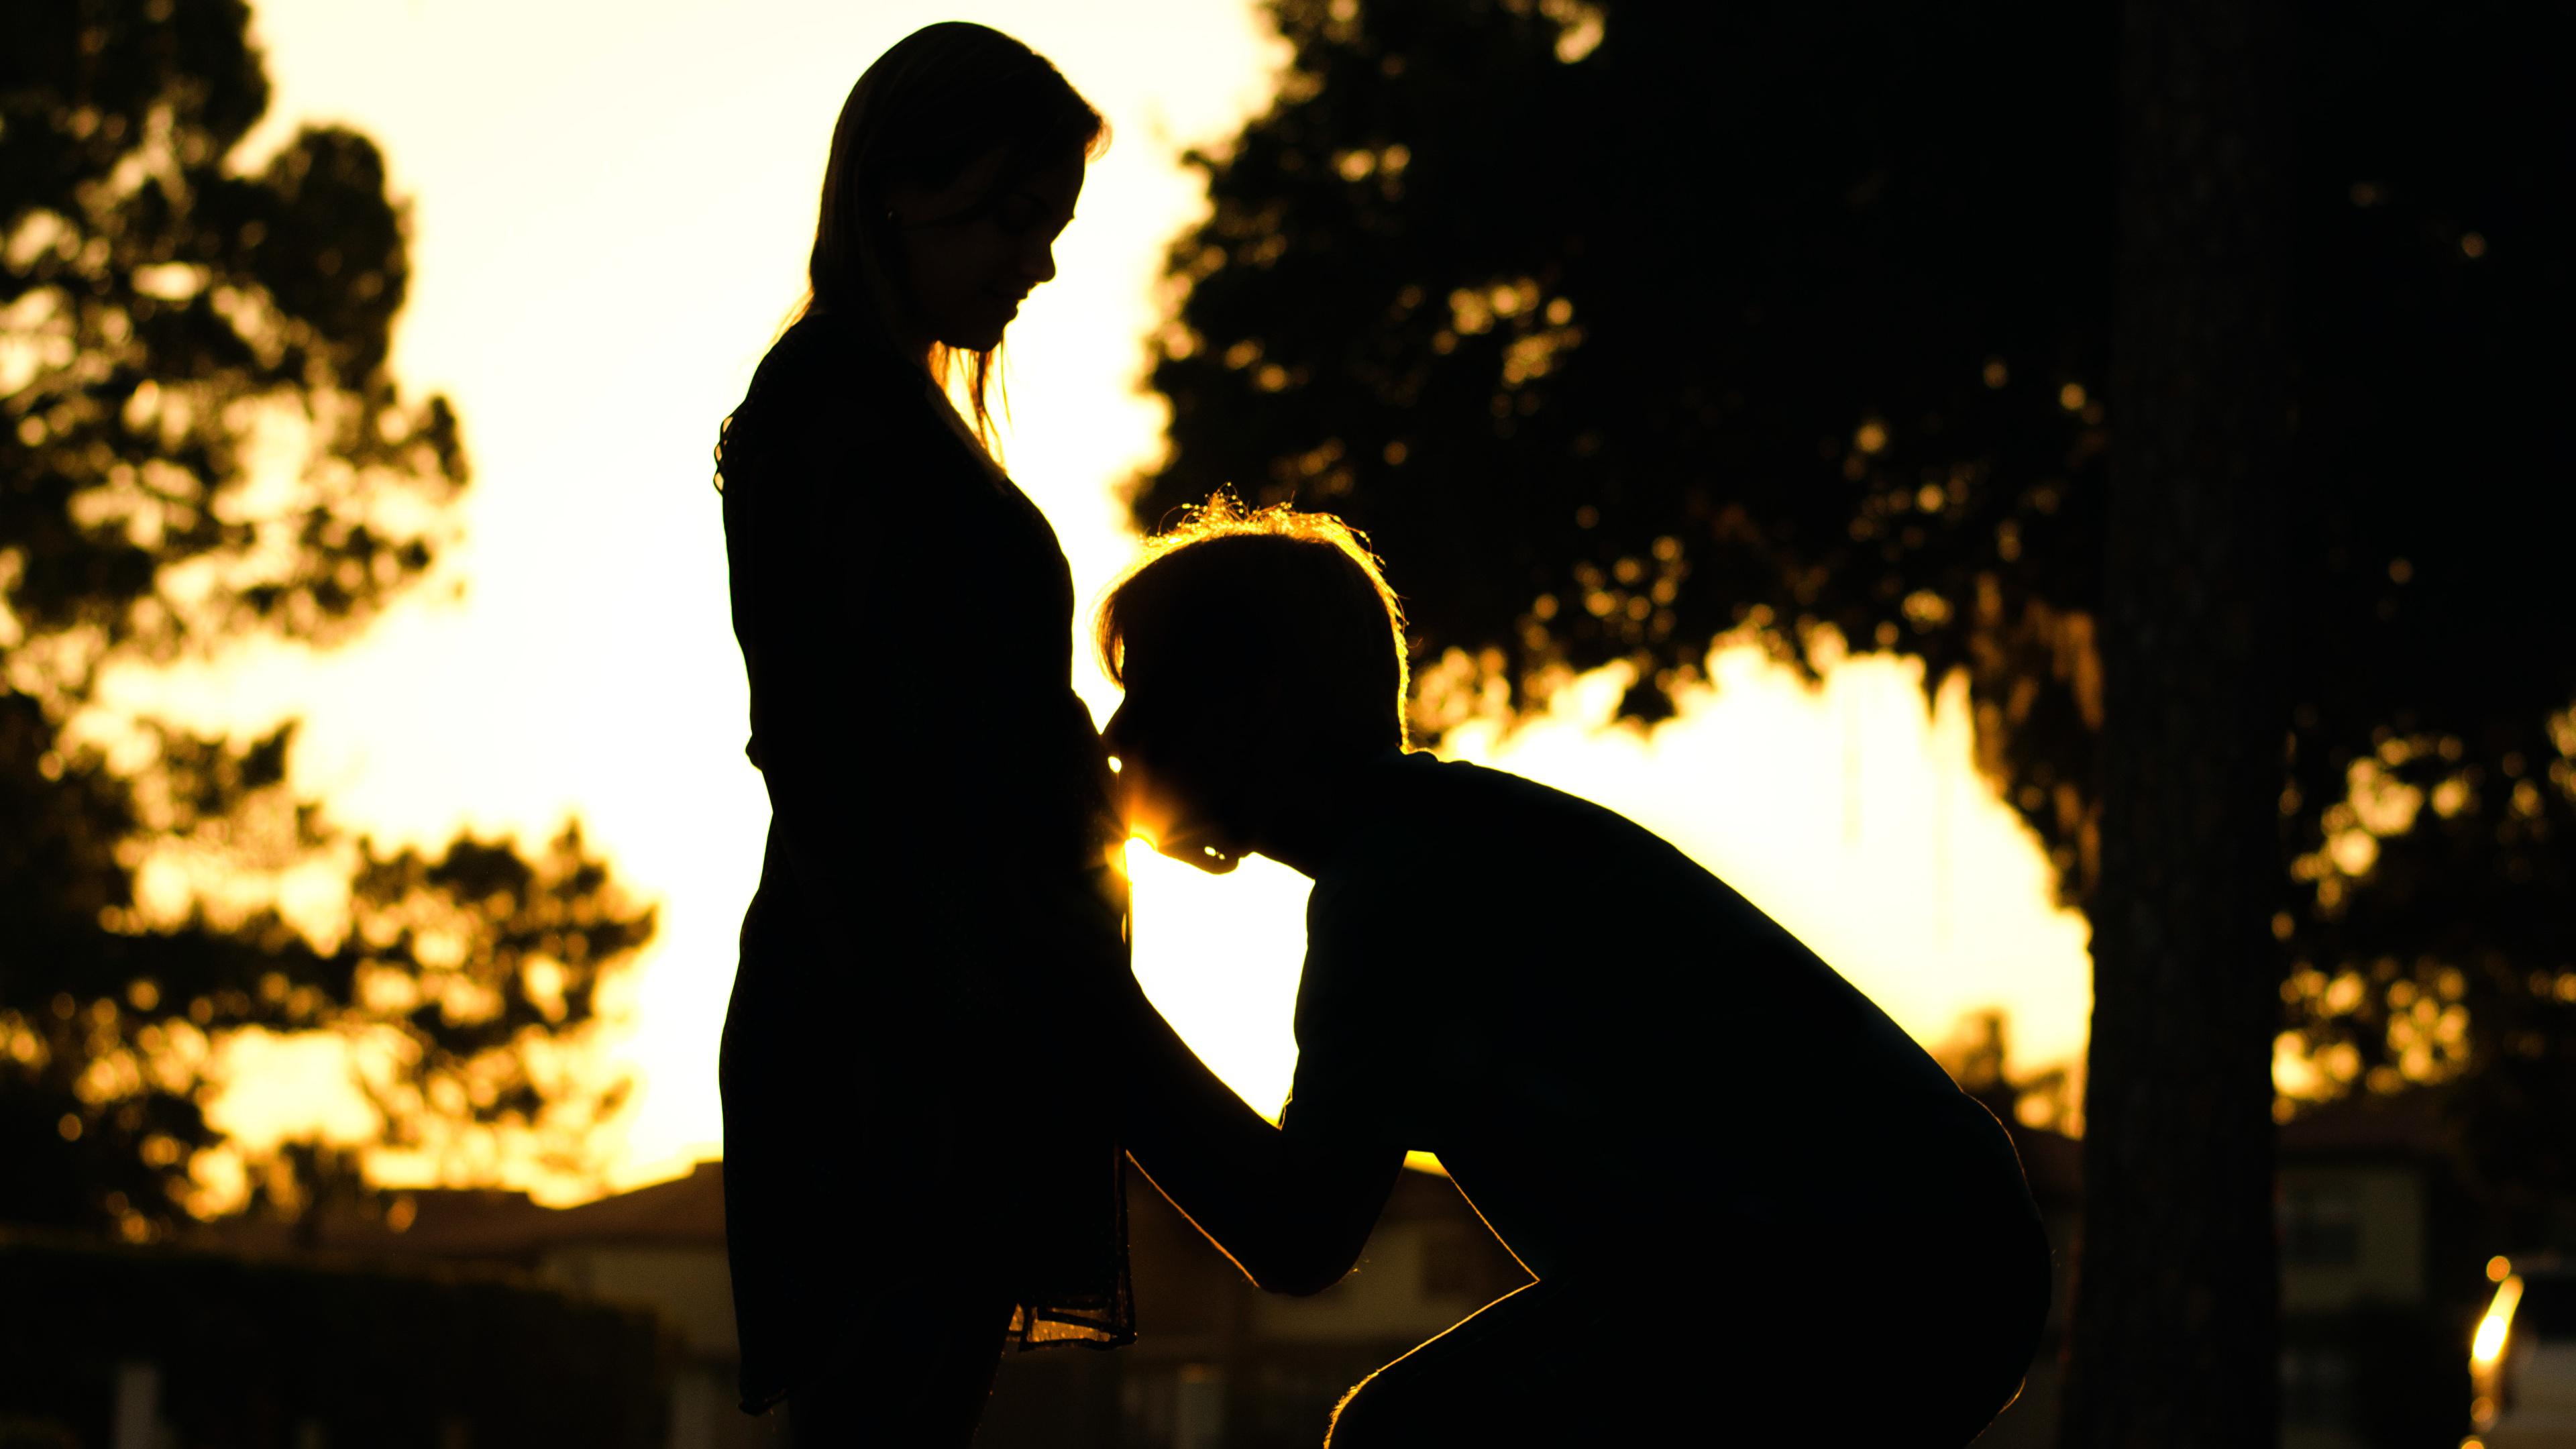 Обои для рабочего стола Влюбленные пары Радость Силуэт Девушки 3840x2160 любовники счастье радостная радостный счастливые счастливая счастливый силуэты силуэта девушка молодые женщины молодая женщина